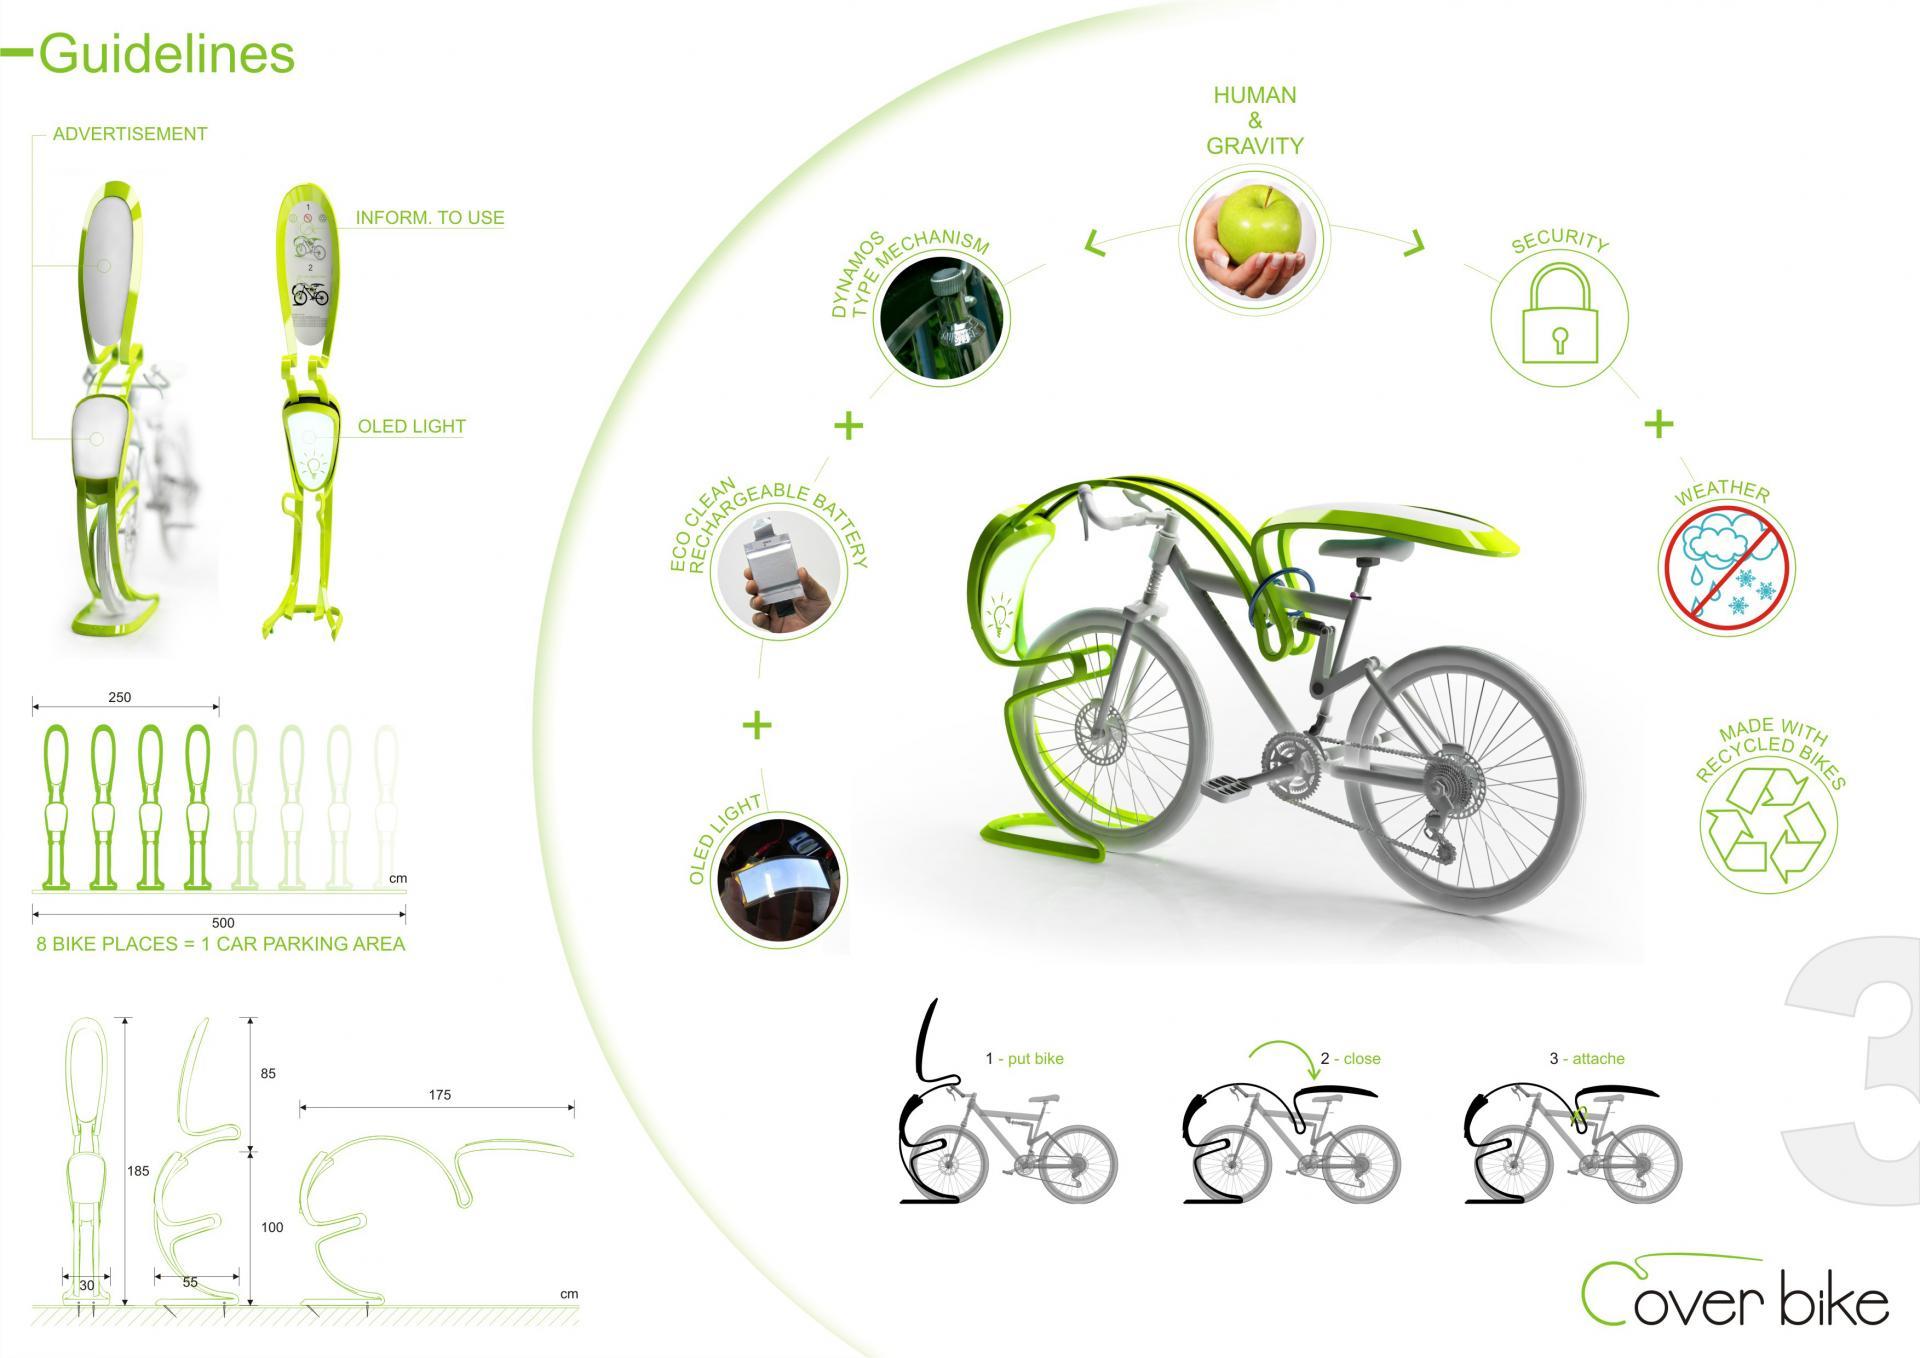 coverbike3